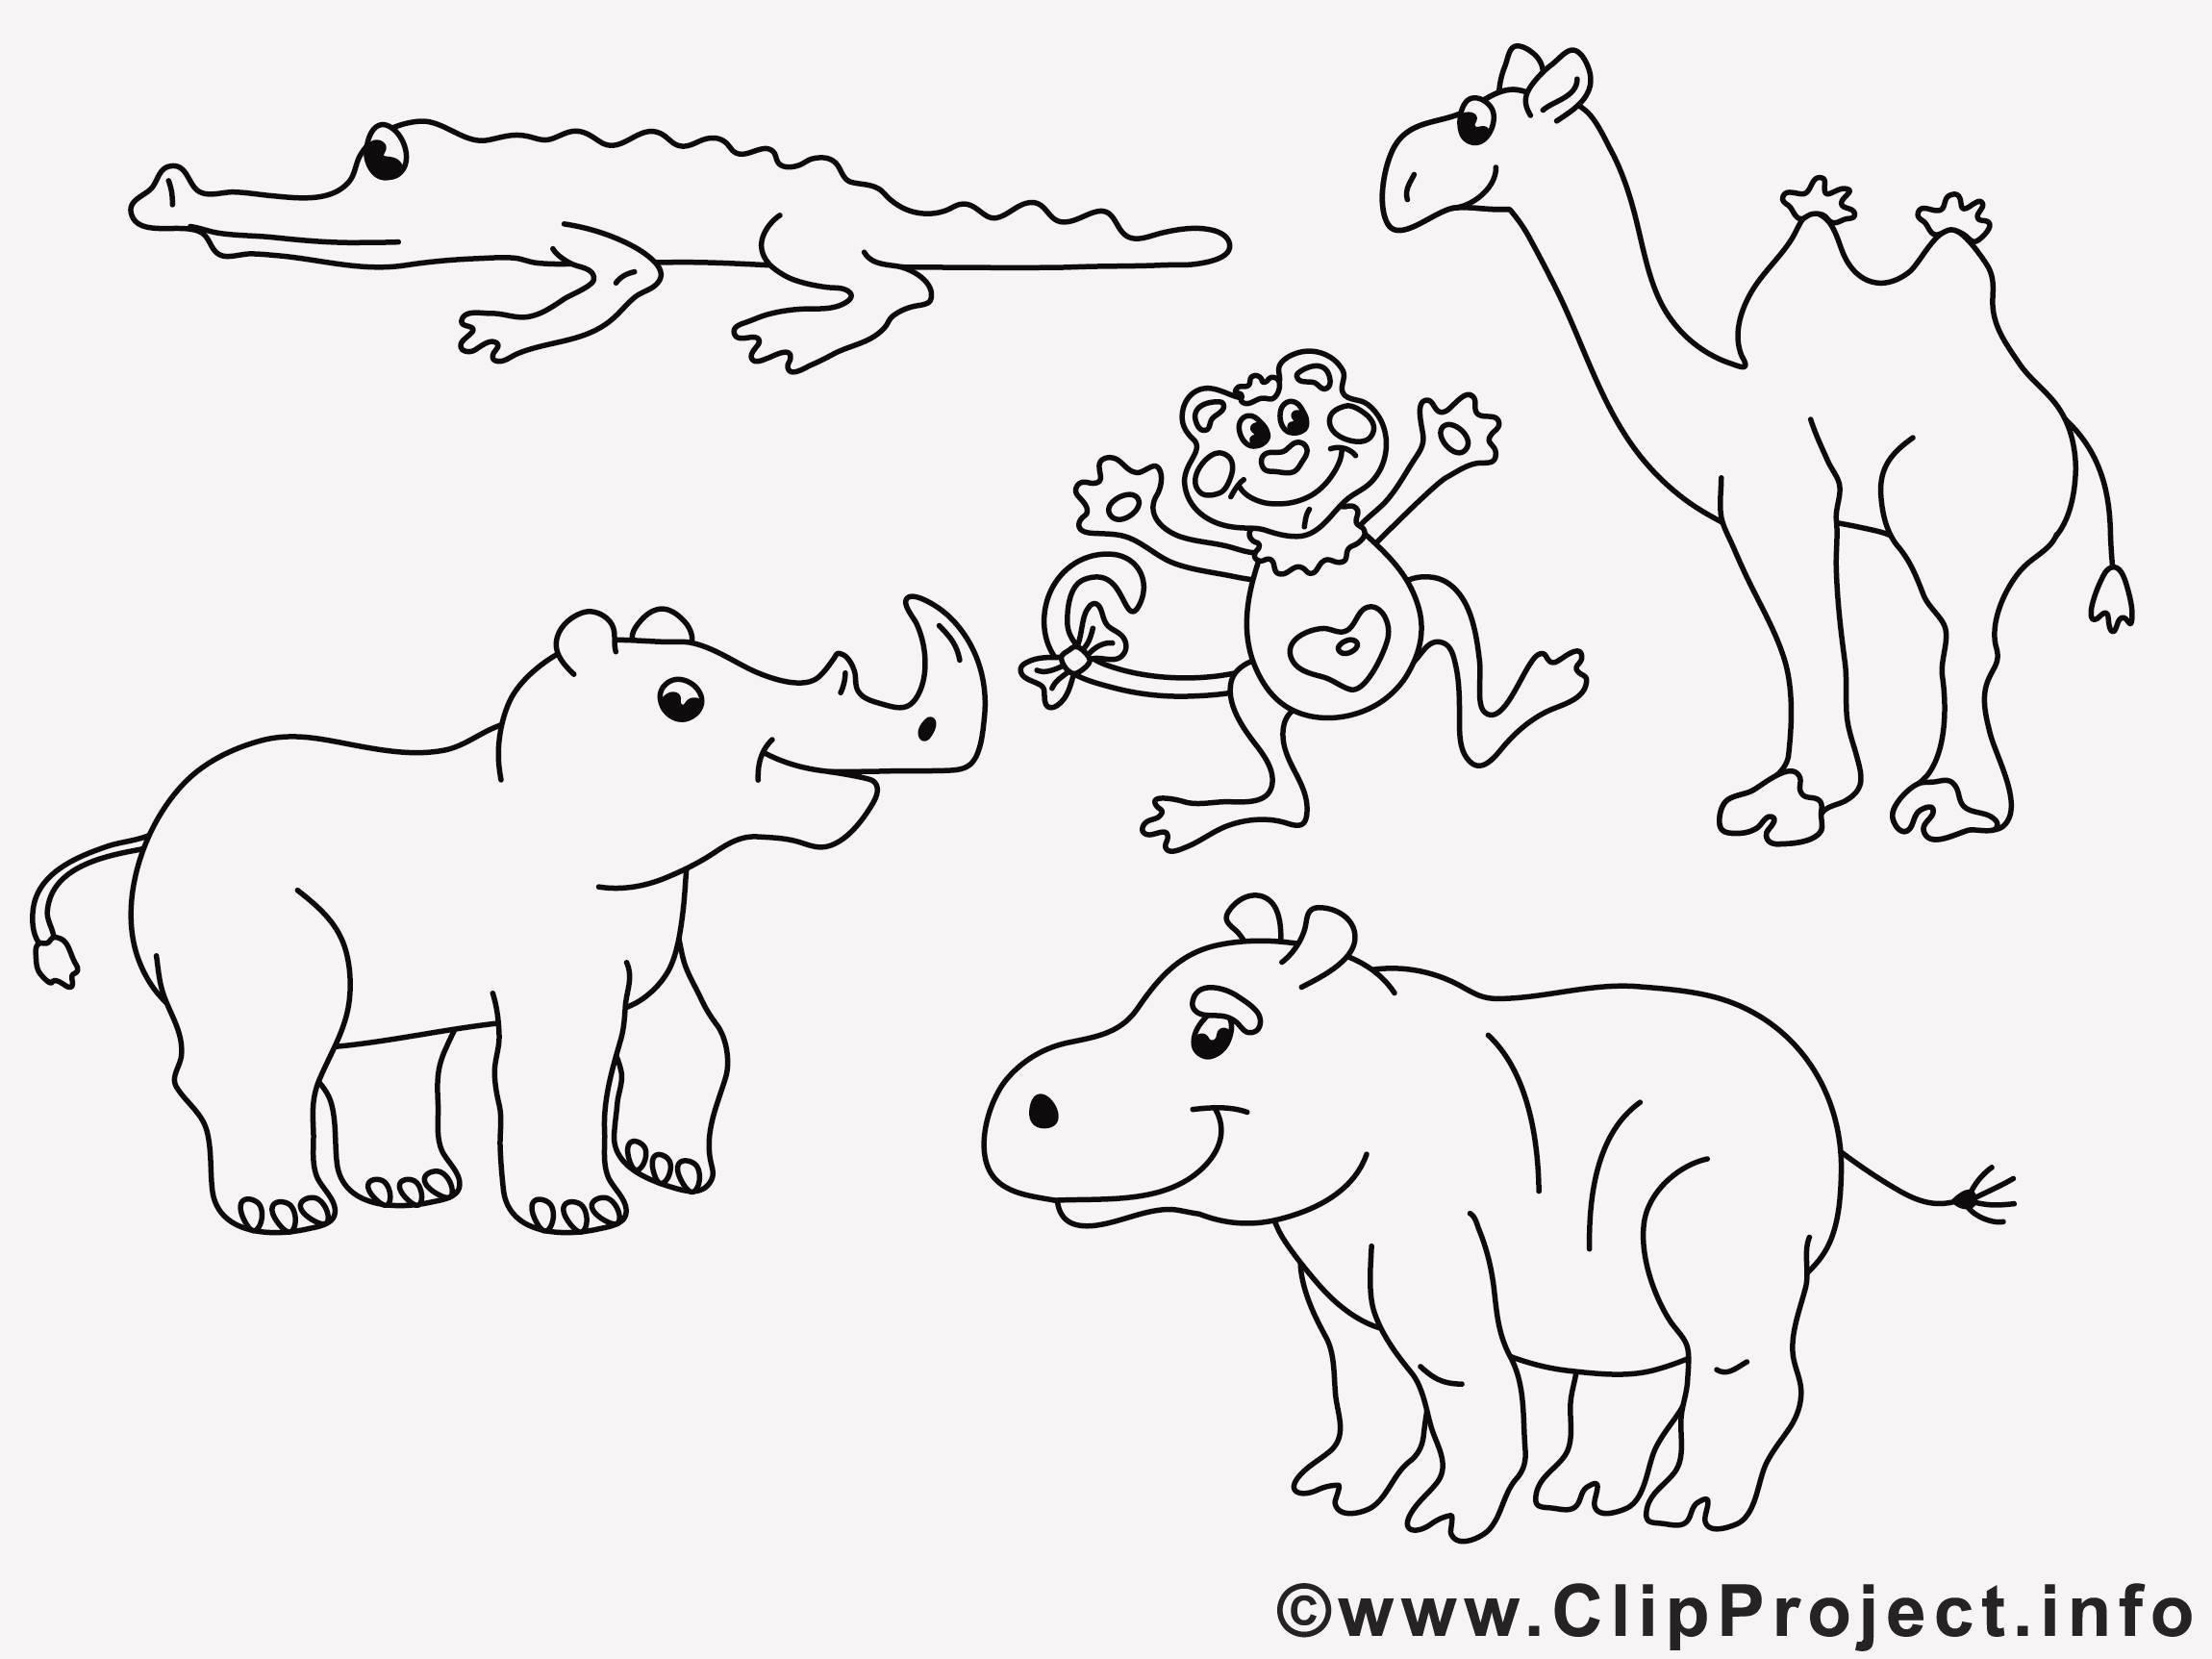 Ausmalbilder thema Wald Inspirierend Baustelle Clipart Verführerisch 25 Fantastisch Ausmalbilder Tiere Im Galerie